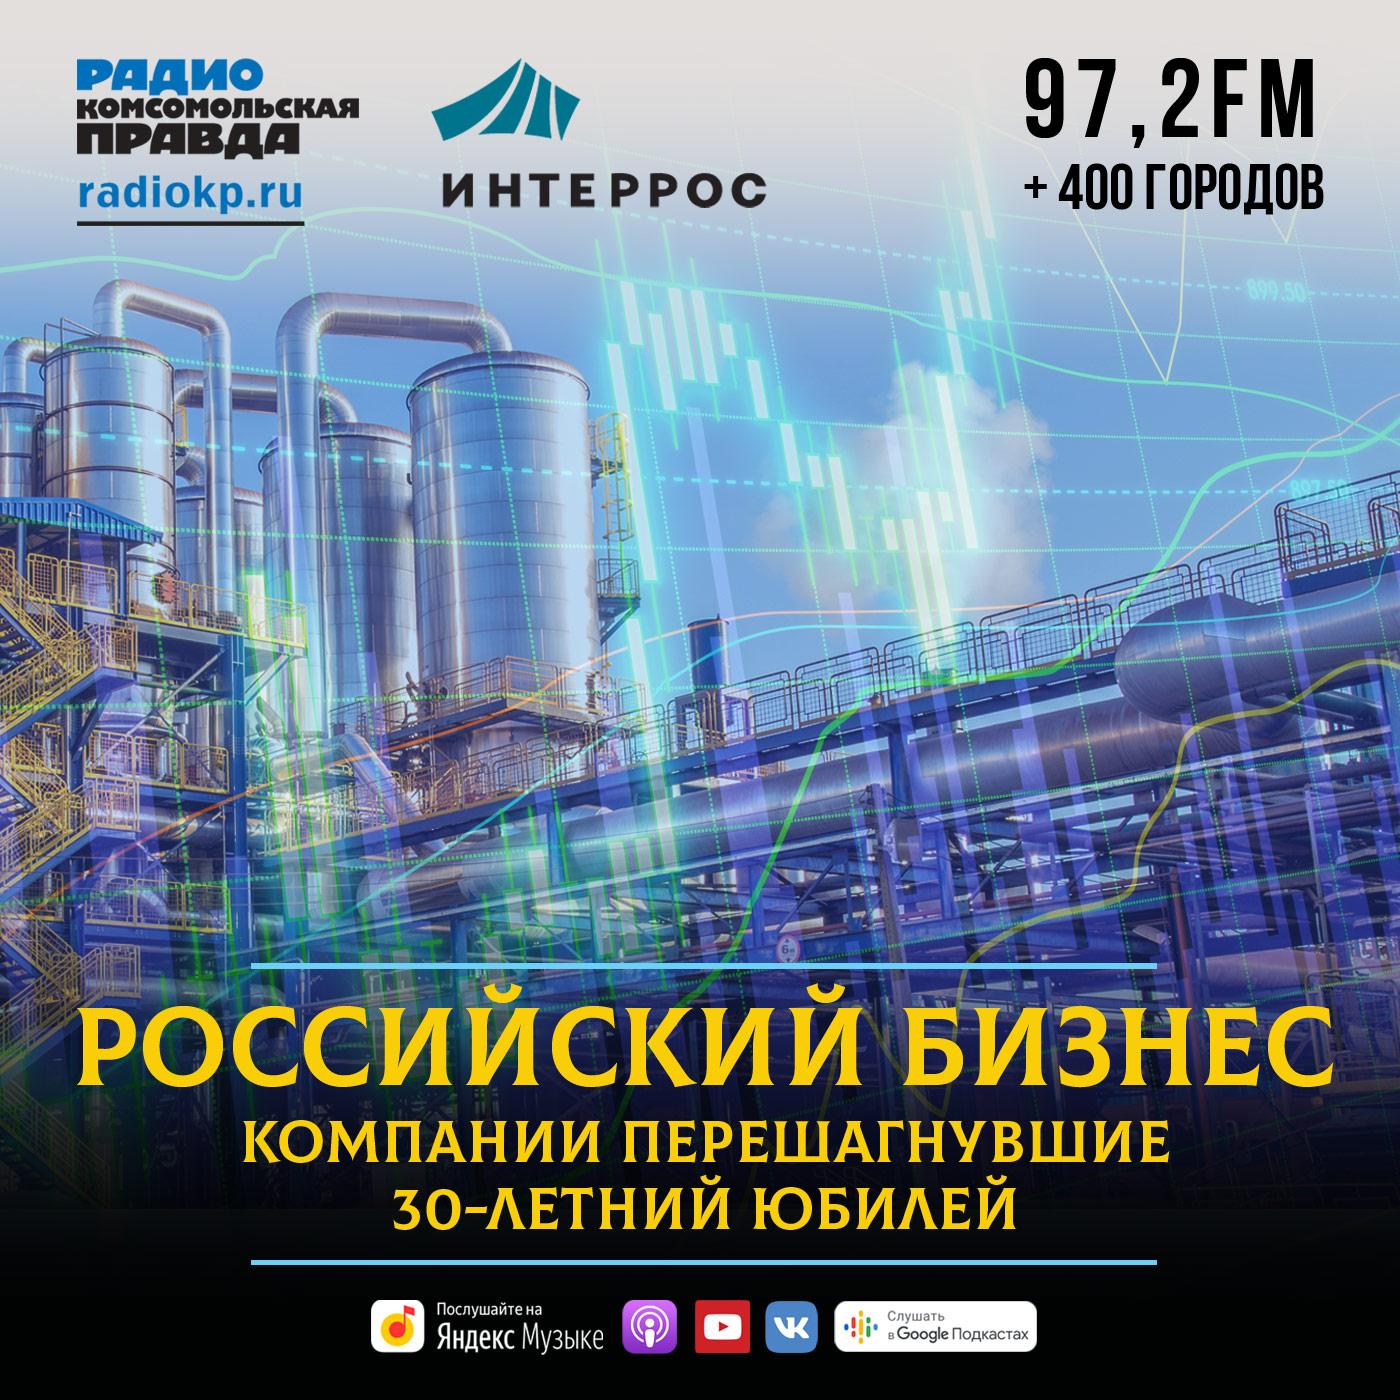 Российский бизнес. Компании, перешагнувшие 30-летний юбилей